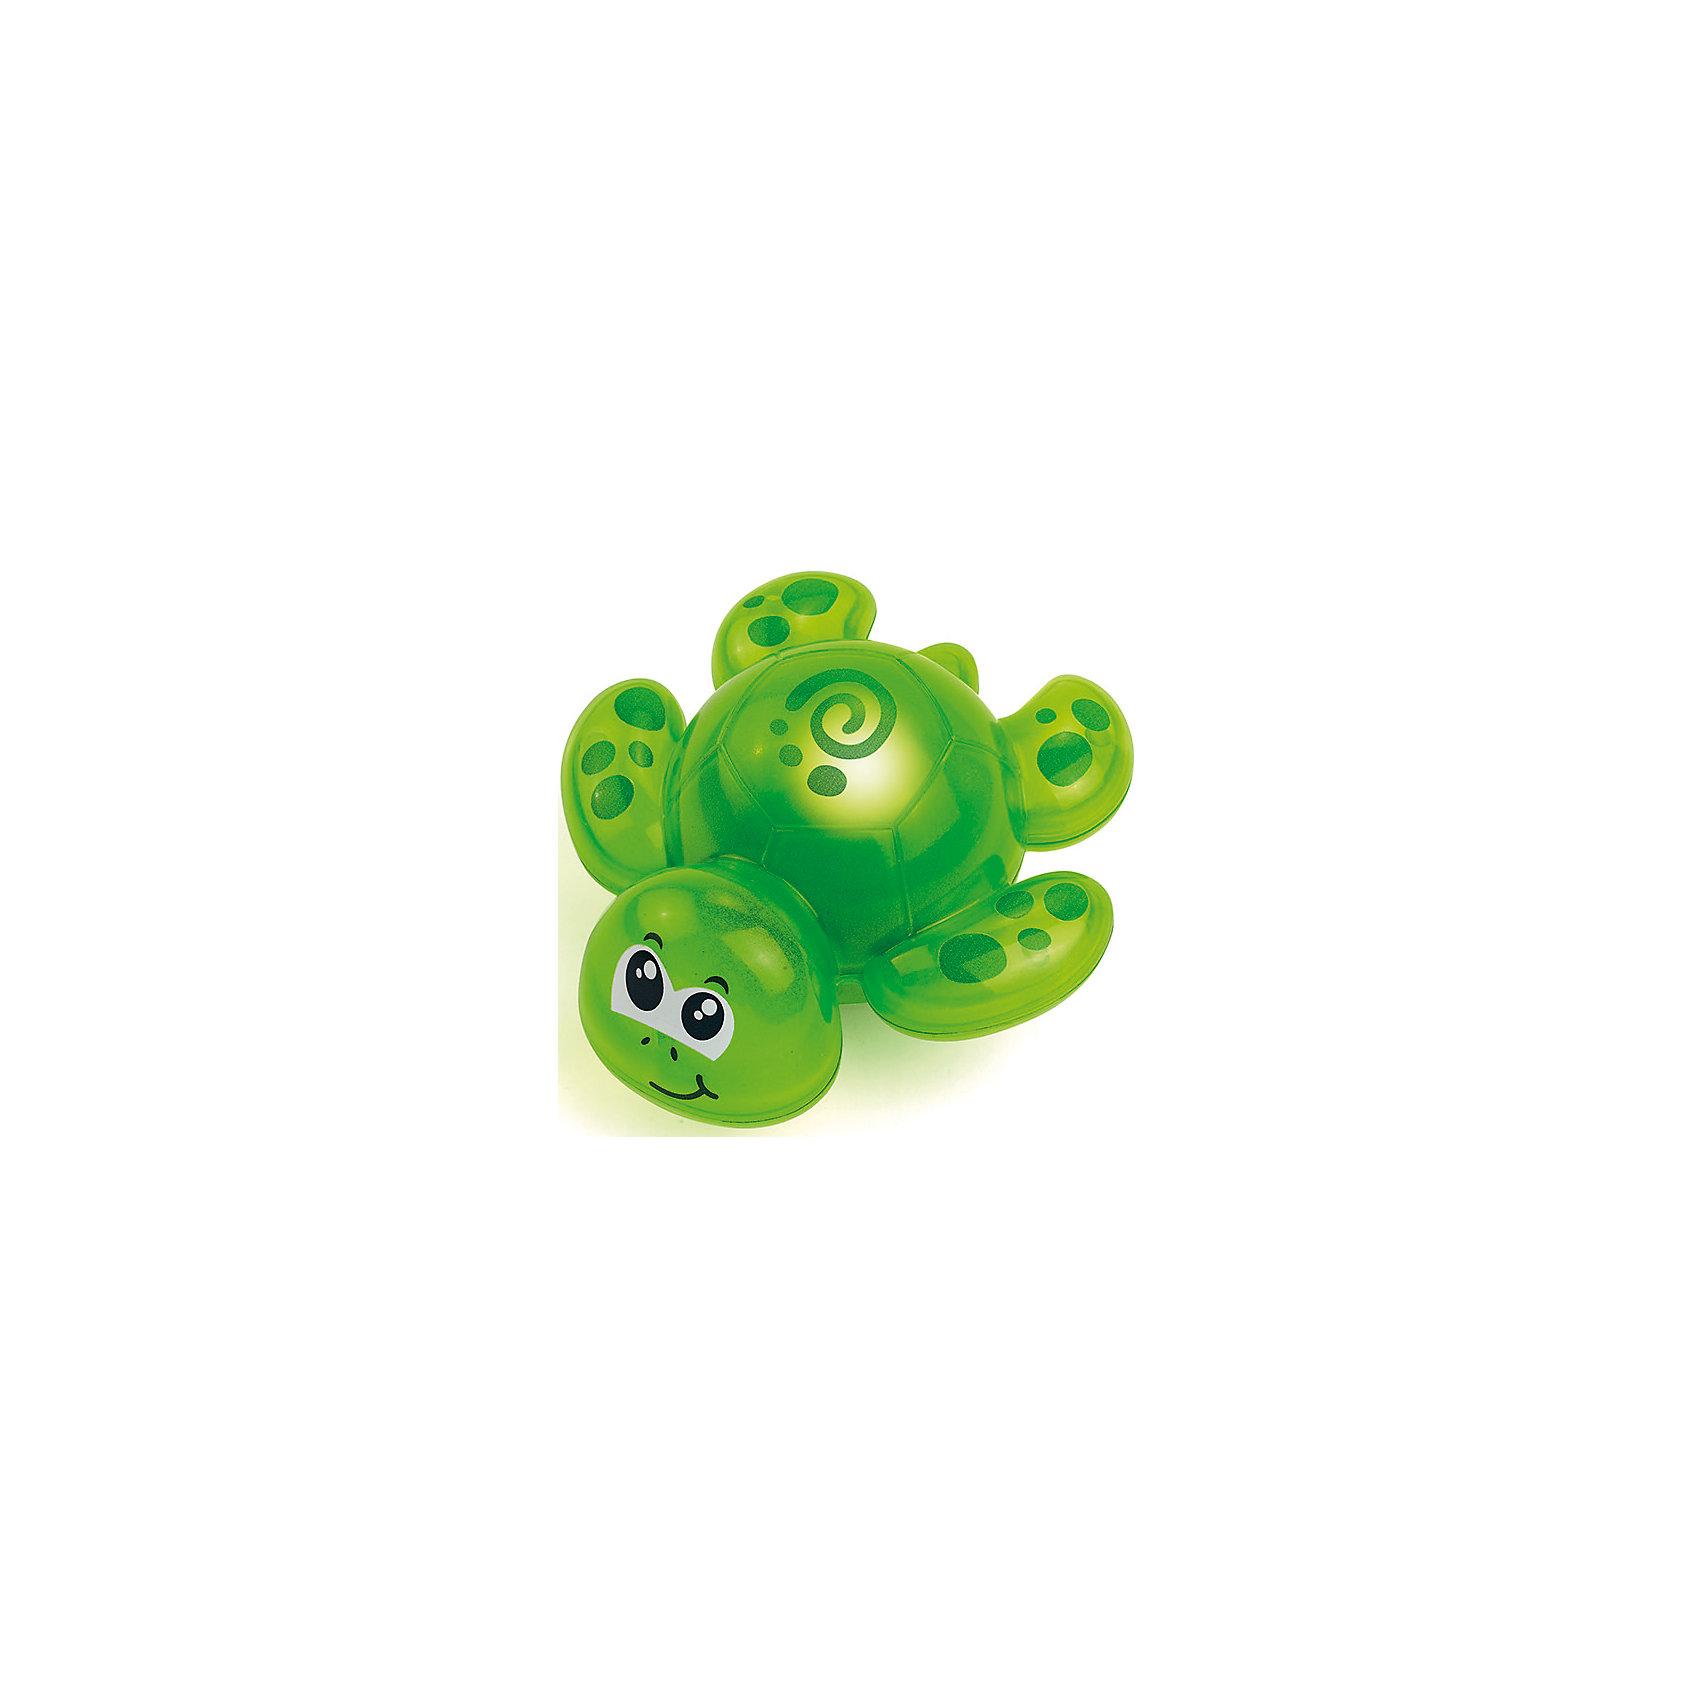 Игрушка для ванной черепашка, со светом, HAP-P-KIDИгрушка для ванной черепашка, со светом, Happy Kid (Хэппи Кид) – эта забавная игрушка развеселит вашего малыша во время купания.<br>Игрушка для ванной Черепашка от Happy Kid (Хэппи Кид) привлечет внимание вашего малыша и превратит купание в веселую игру! Она выполнена в ярко-зеленом цвете в виде забавной черепахи с большими глазками. Игрушка оснащена специальным датчиком, благодаря которому начинает светиться при контакте с водой, периодически выключаясь. Хорошо держится на воде, не тонет. Игрушка не имеет острых углов и мелких деталей, её форма обтекаемая. Развивает воображение, цветовосприятие, мелкую моторику, а также помогает ребенку справиться с боязнью воды. Продукция изготовлена из прочного, качественного, безопасного материала, сертифицирована, экологически безопасна, использованные красители не токсичны и гипоаллергенны.<br><br>Дополнительная информация:<br><br>- Материал: пластик<br>- Батарейки: 3 типа AG13/LR44 (входят в комплект)<br>- Размер упаковки: 18 x 15 x 7 см.<br>- Вес: 217 гр.<br><br>Игрушку для ванной черепашка, со светом, Happy Kid (Хэппи Кид) можно купить в нашем интернет-магазине.<br><br>Ширина мм: 180<br>Глубина мм: 150<br>Высота мм: 70<br>Вес г: 217<br>Возраст от месяцев: 12<br>Возраст до месяцев: 36<br>Пол: Унисекс<br>Возраст: Детский<br>SKU: 4726752